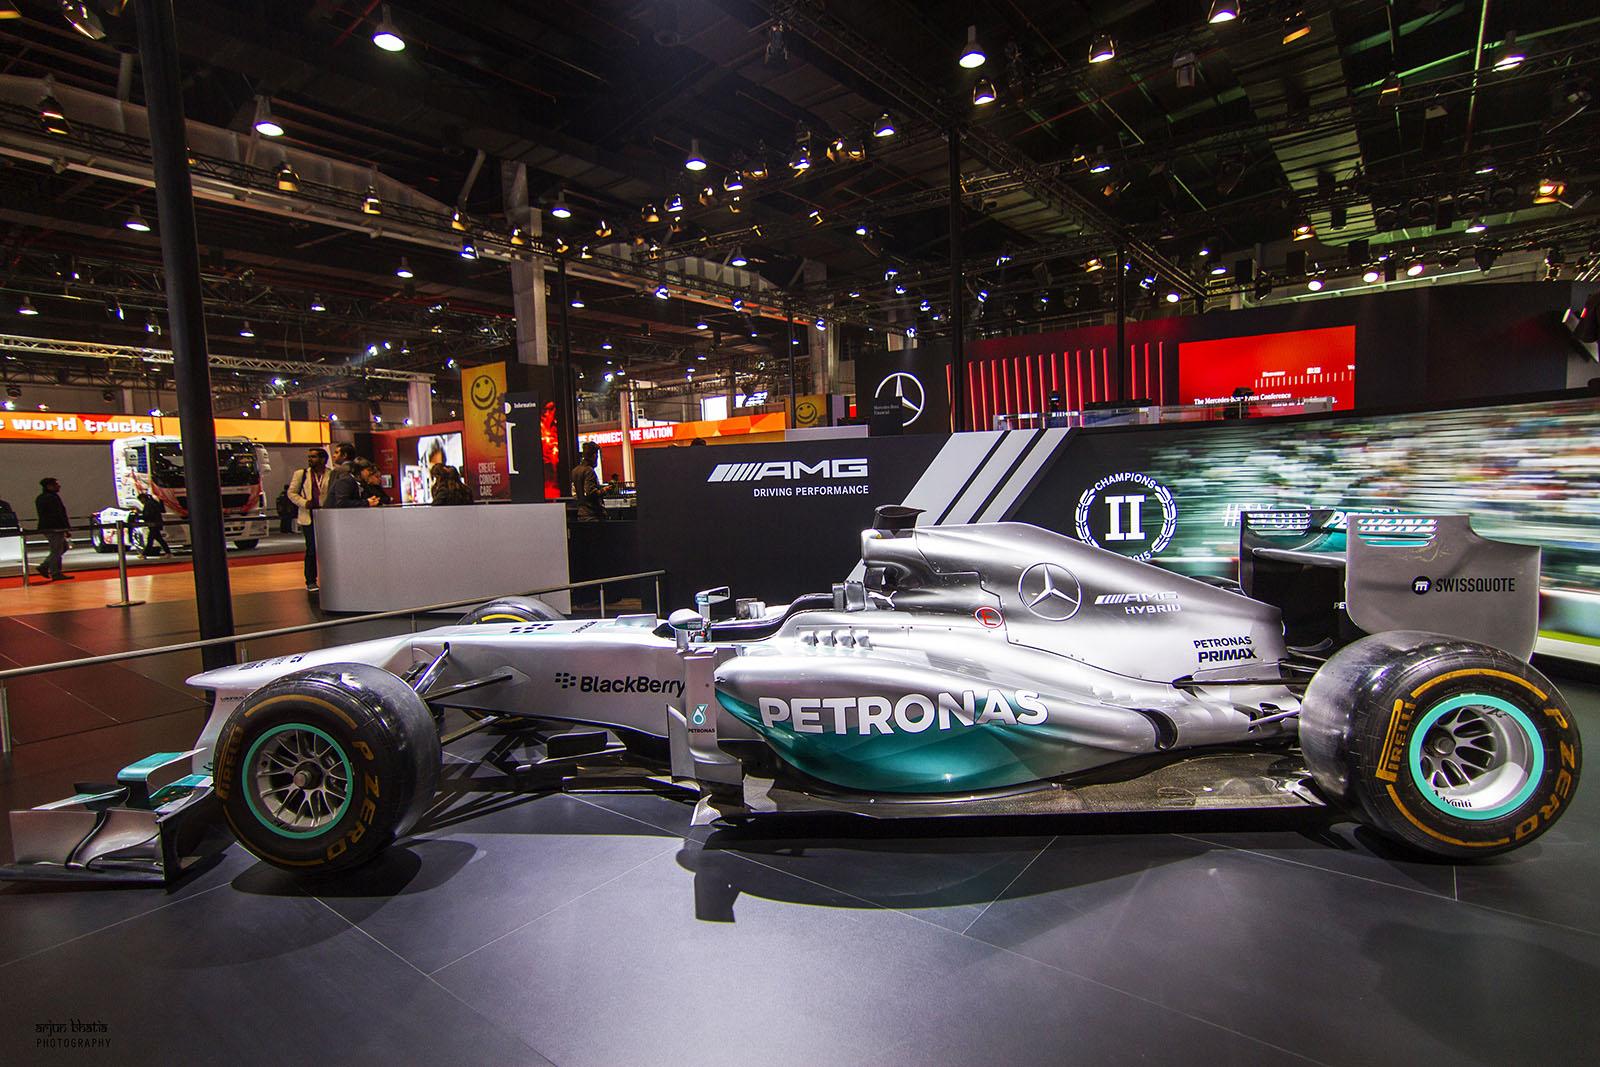 F1 W04 Hybrid AMG Petronas Delhi Auto Expo 2016 2